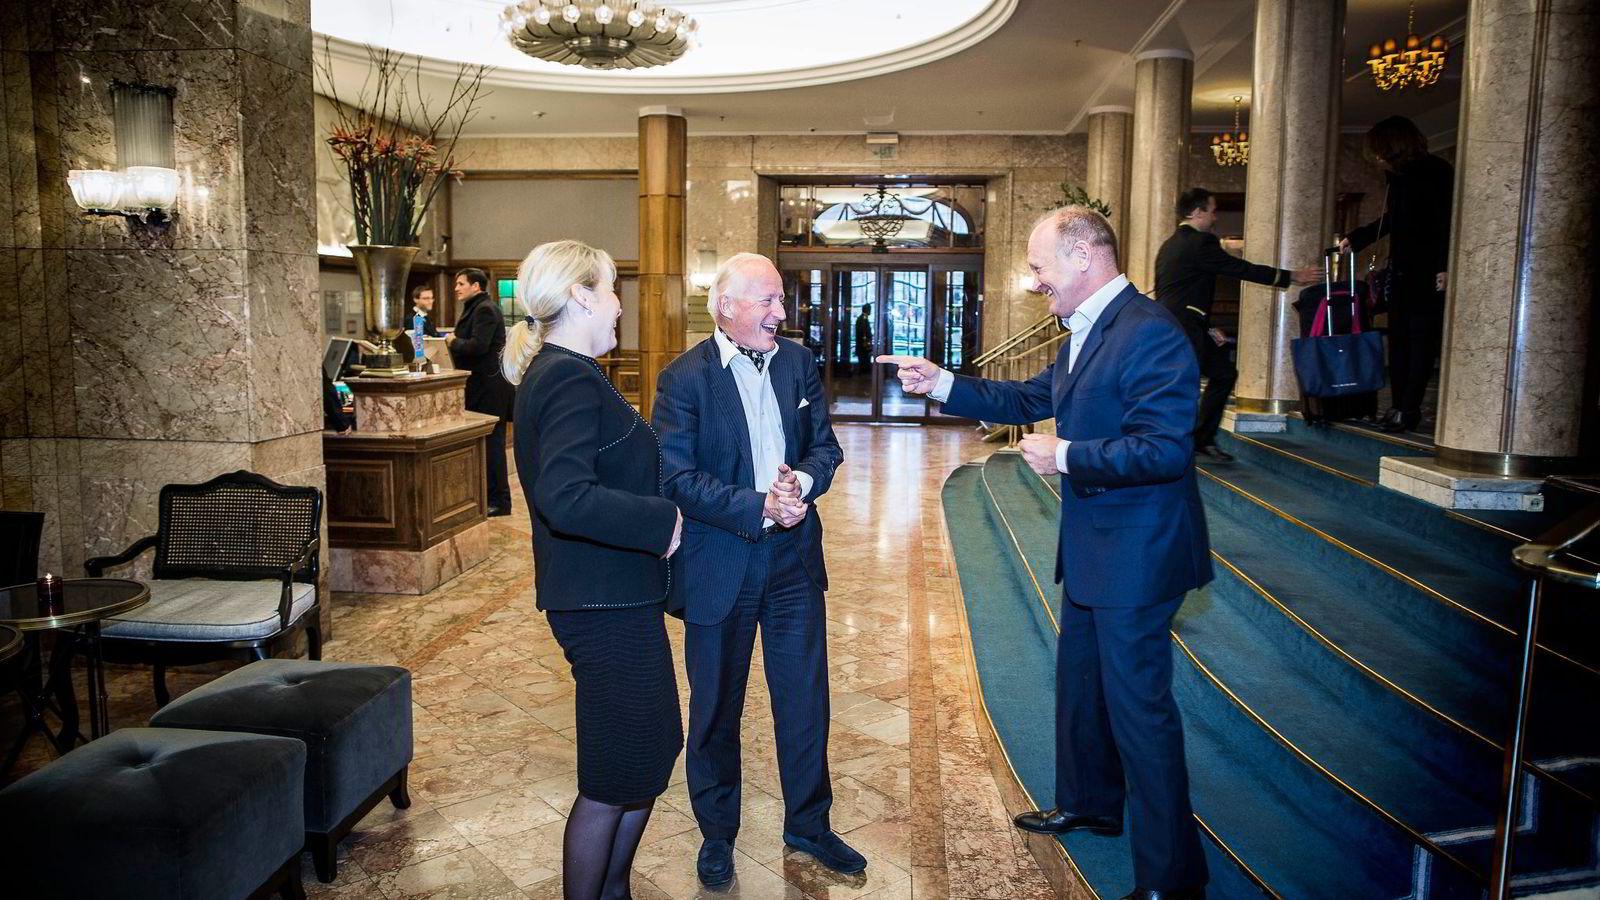 Christian Ringnes (i midten) legger 150 millioner kroner på bordet til oppussingen av Grand. Anders Nissen i Pandox, et selskap Ringnes er storaksjonær i, overtar driften av hotellet. Fredrikke Næss er hotelldirektør.